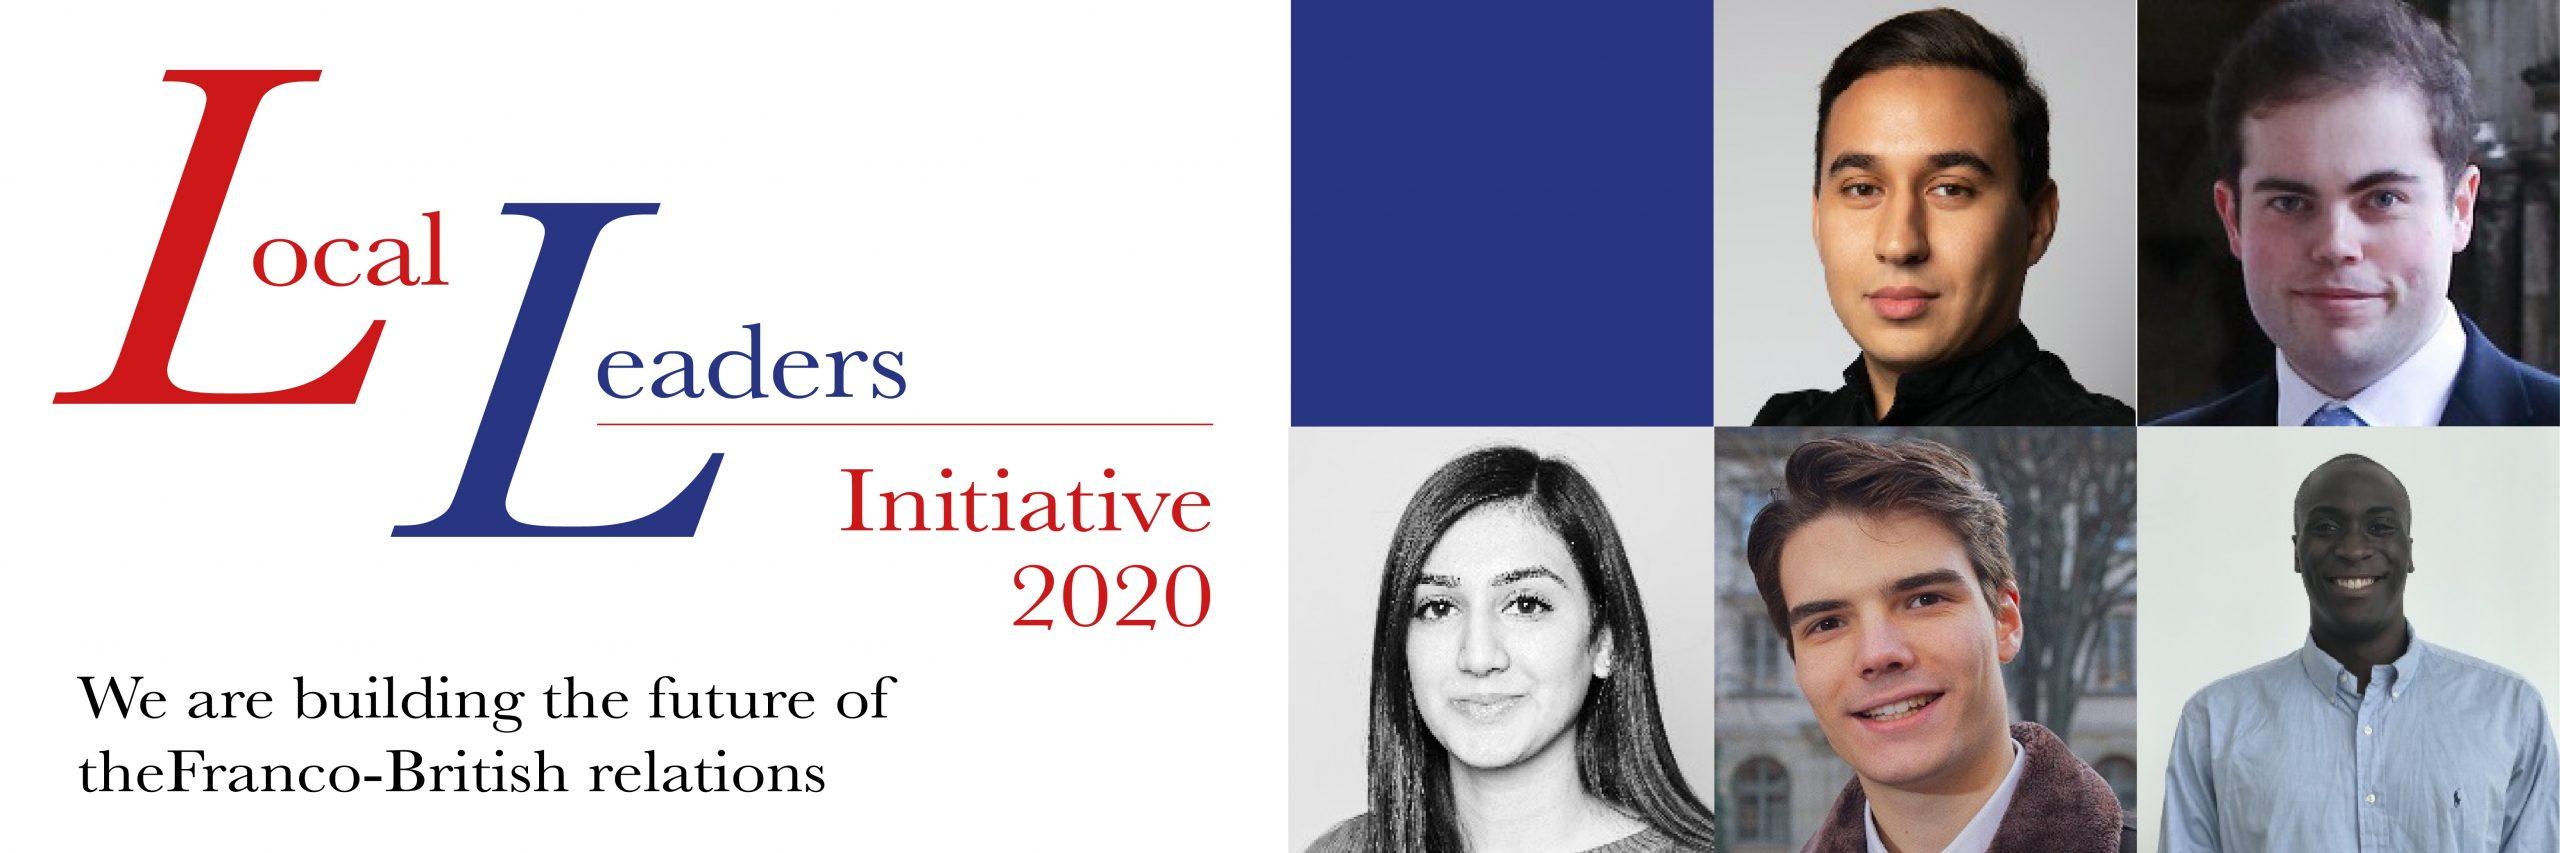 2020 Local Leaders announced / L'annonce de la cohorte des Local Leaders 2020